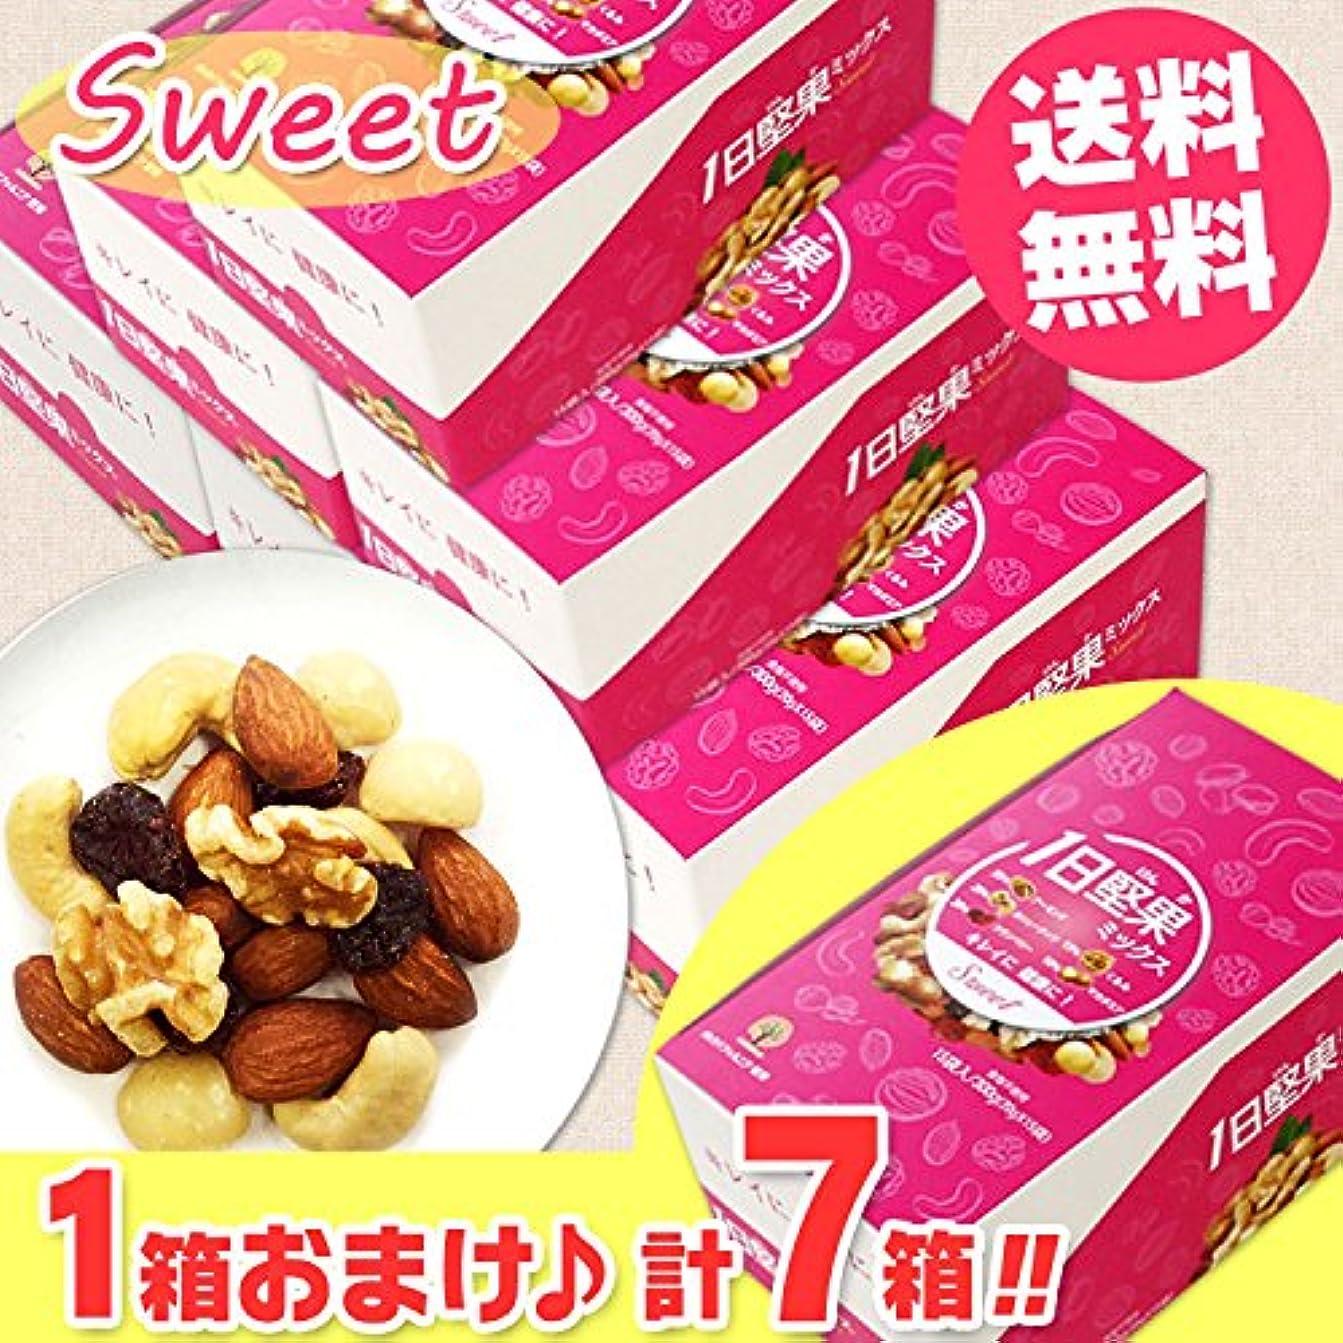 ビルマ芸術的準備1日堅果ミックス スイート [15袋]◆6箱セット+1箱増量?